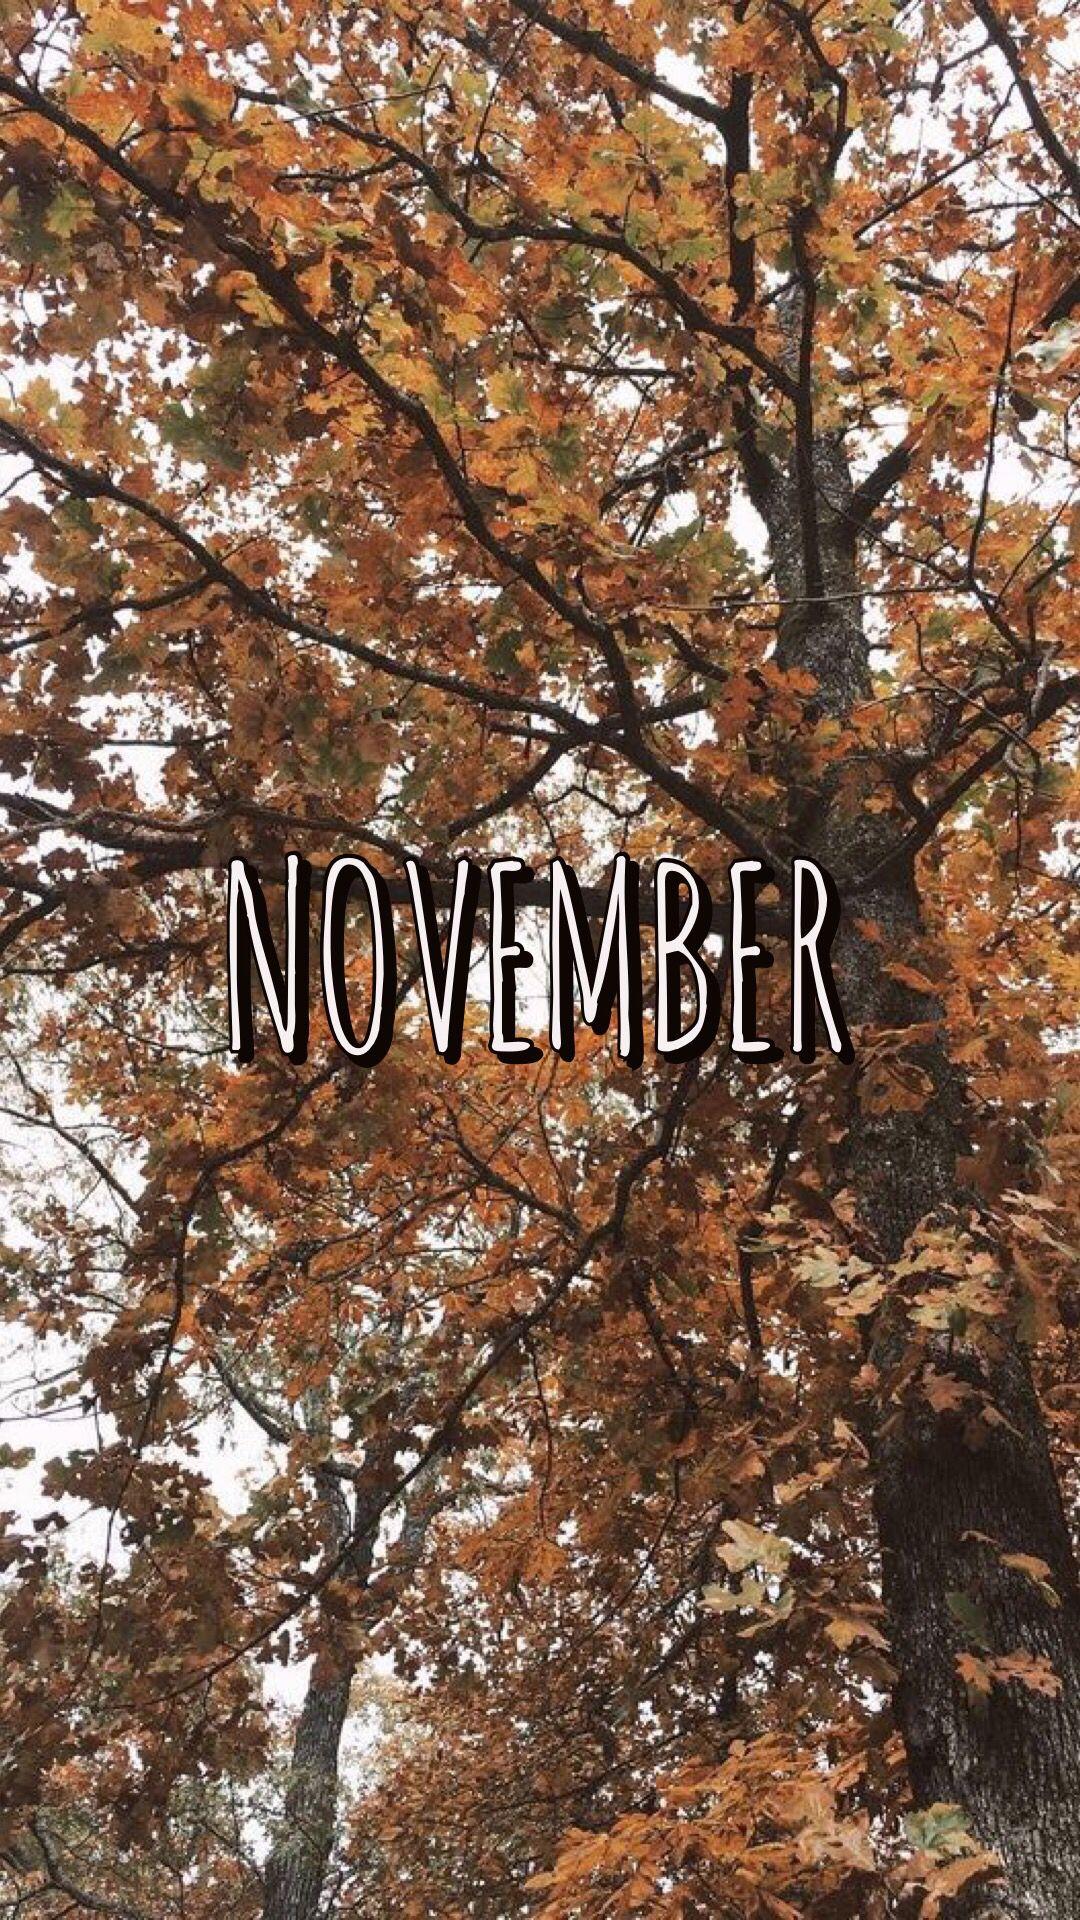 November Wallpaper November Wallpaper October Wallpaper November Backgrounds